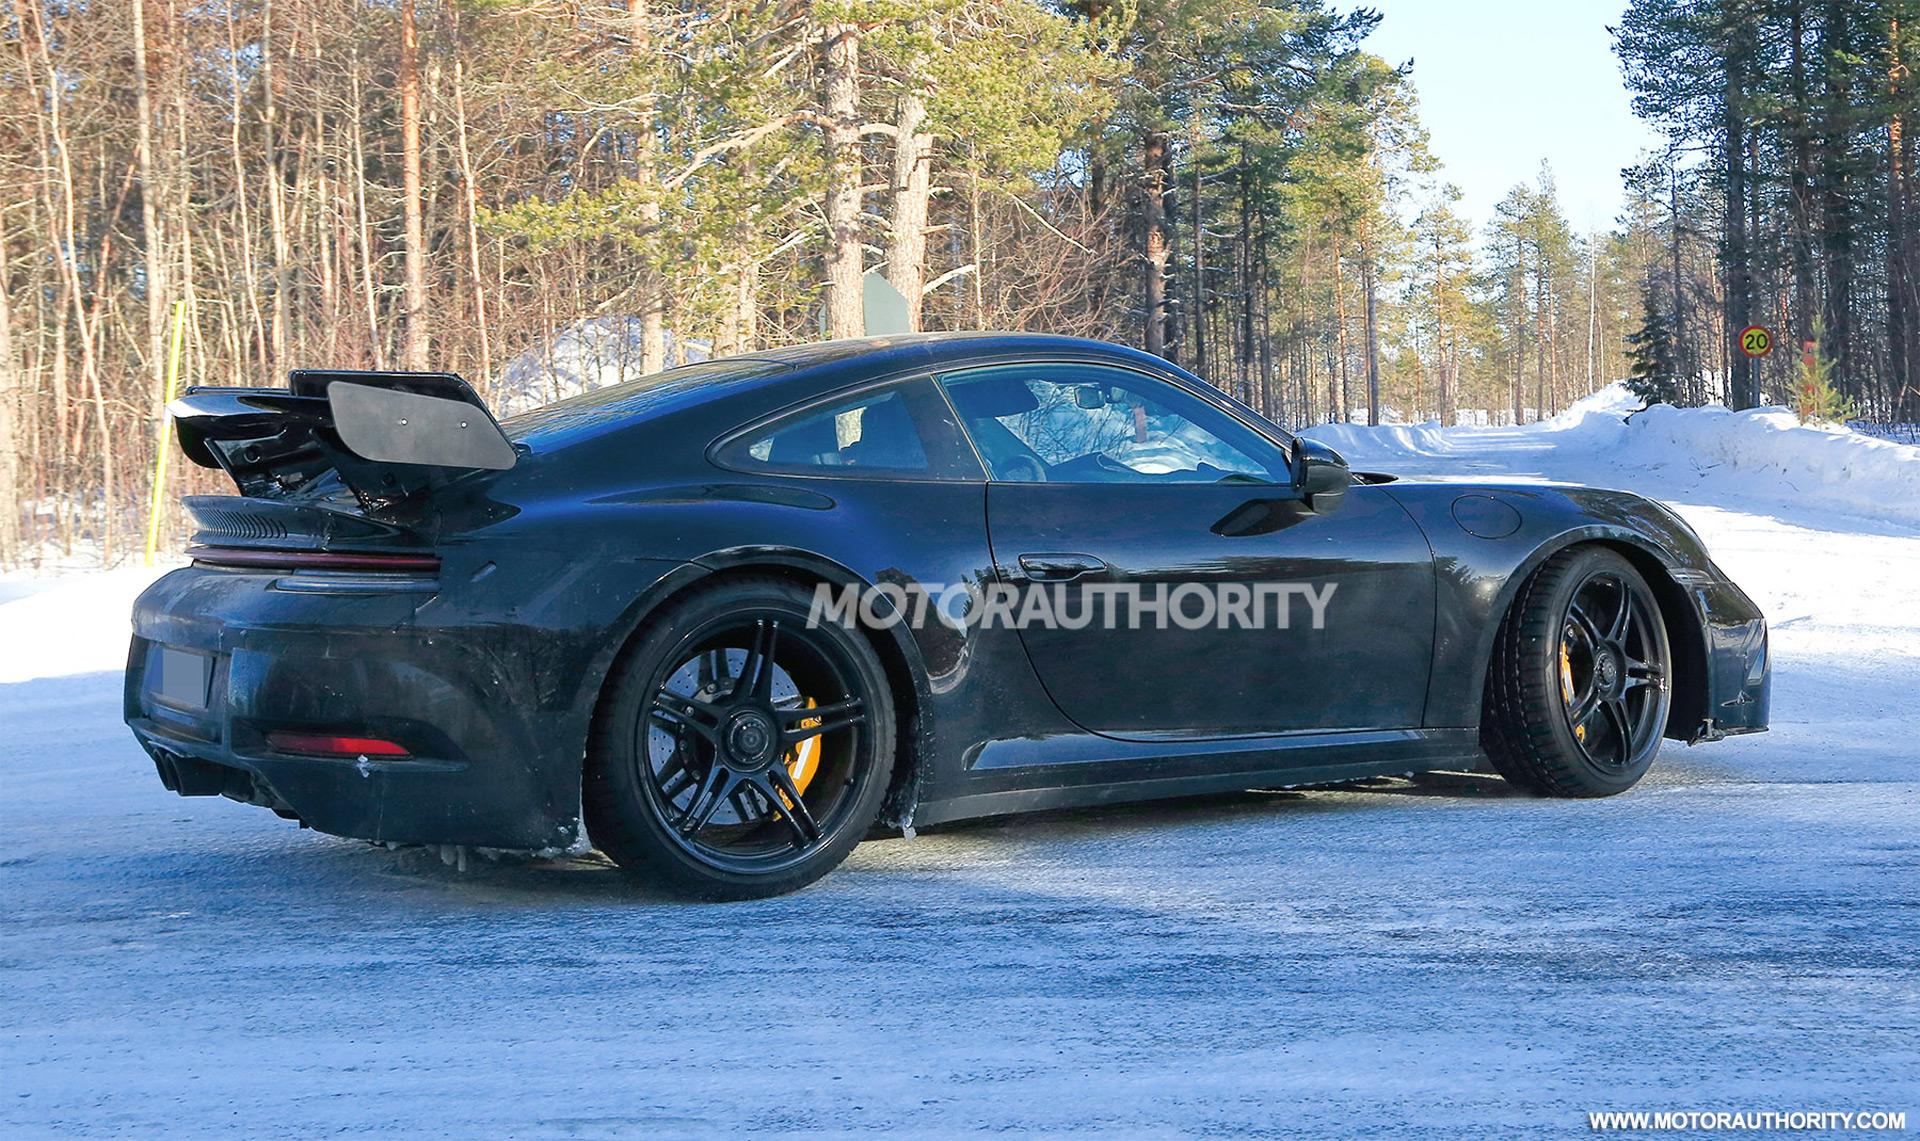 2021 porsche 911 gt3  2020 nissan juke  cupra formentor  car news headlines